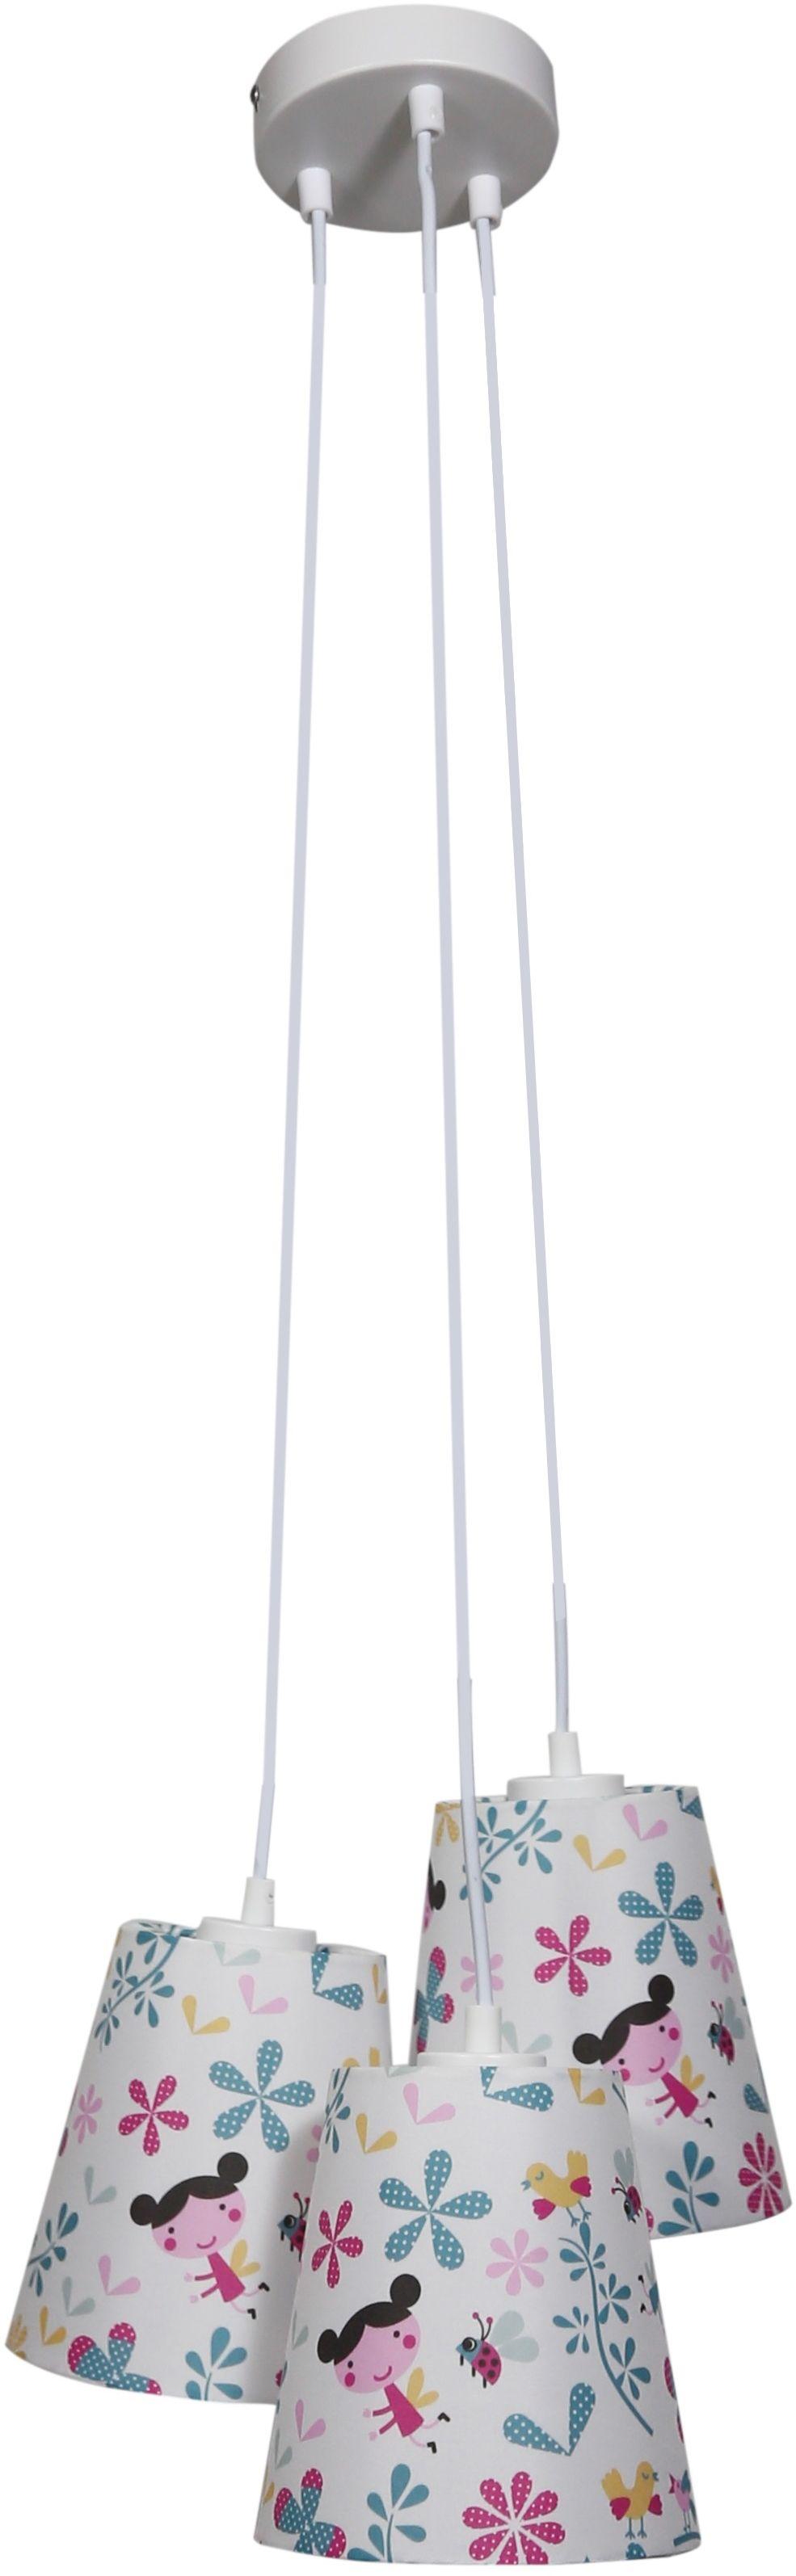 Candellux GIRL 33-62949 lampa wisząca abażur potrójny tkanina wielokolorowy 3X40W E27 32 cm